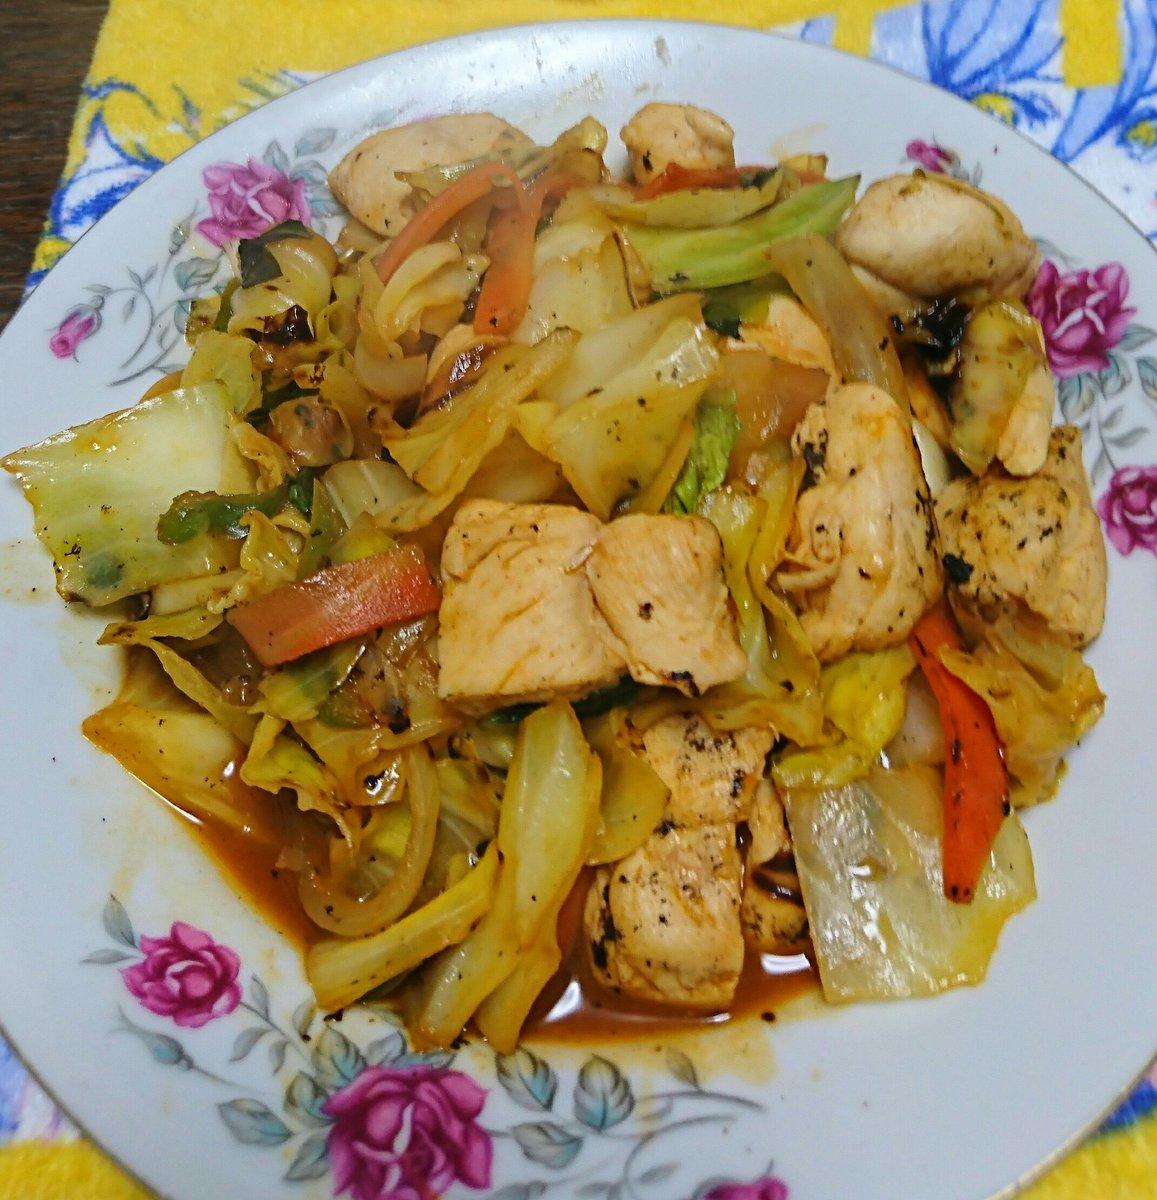 今日のささみさん今日はささみ野菜炒めを作り、ケチャップで煮て、スープ仕立てにしてみました。少し冒険が過ぎたようで、味は微